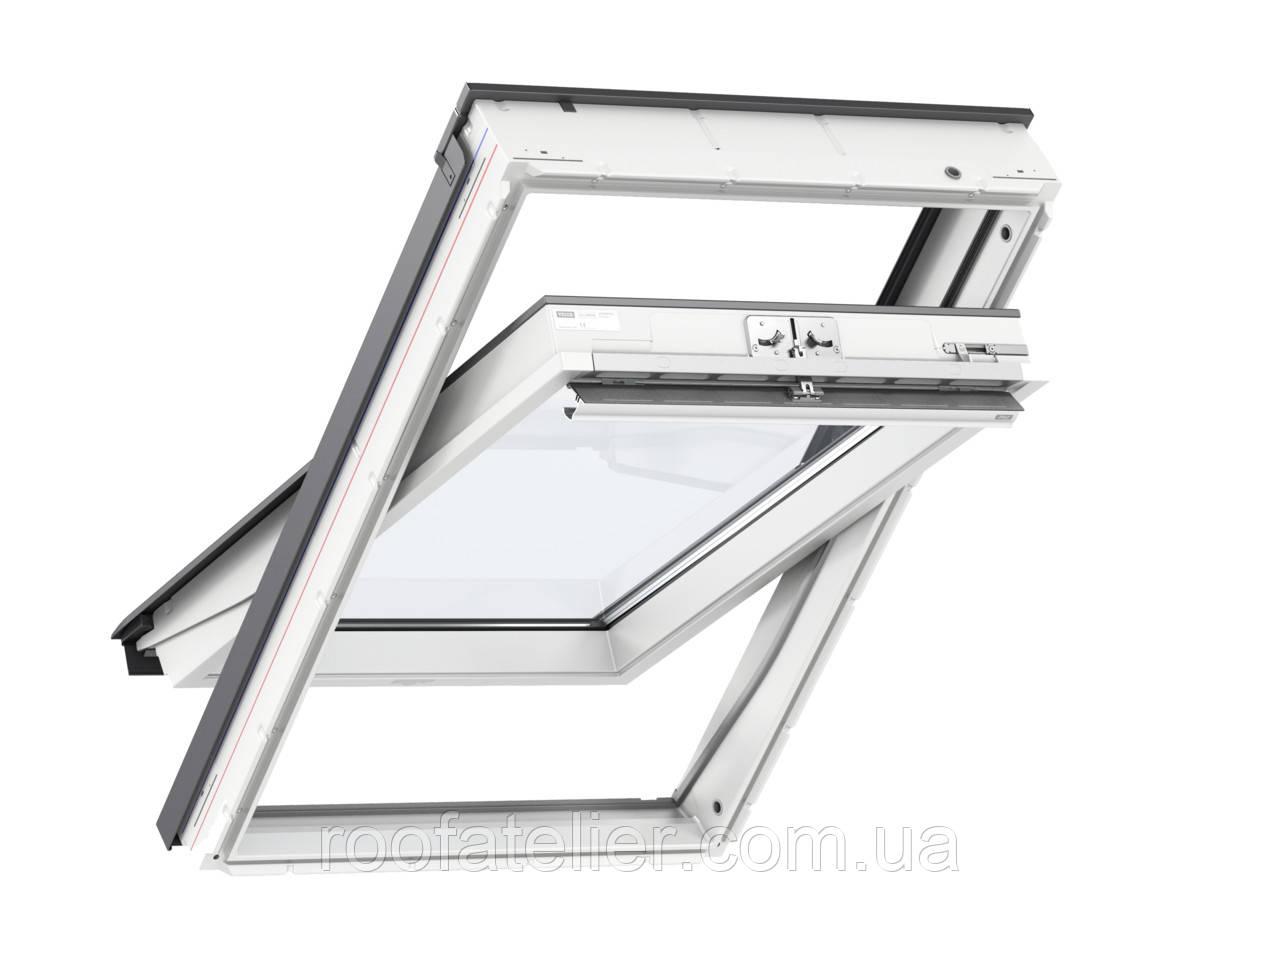 Мансардне вікно VELUX Standart + (Велюкс) GLU 0061/0061B двокамерний склопакет